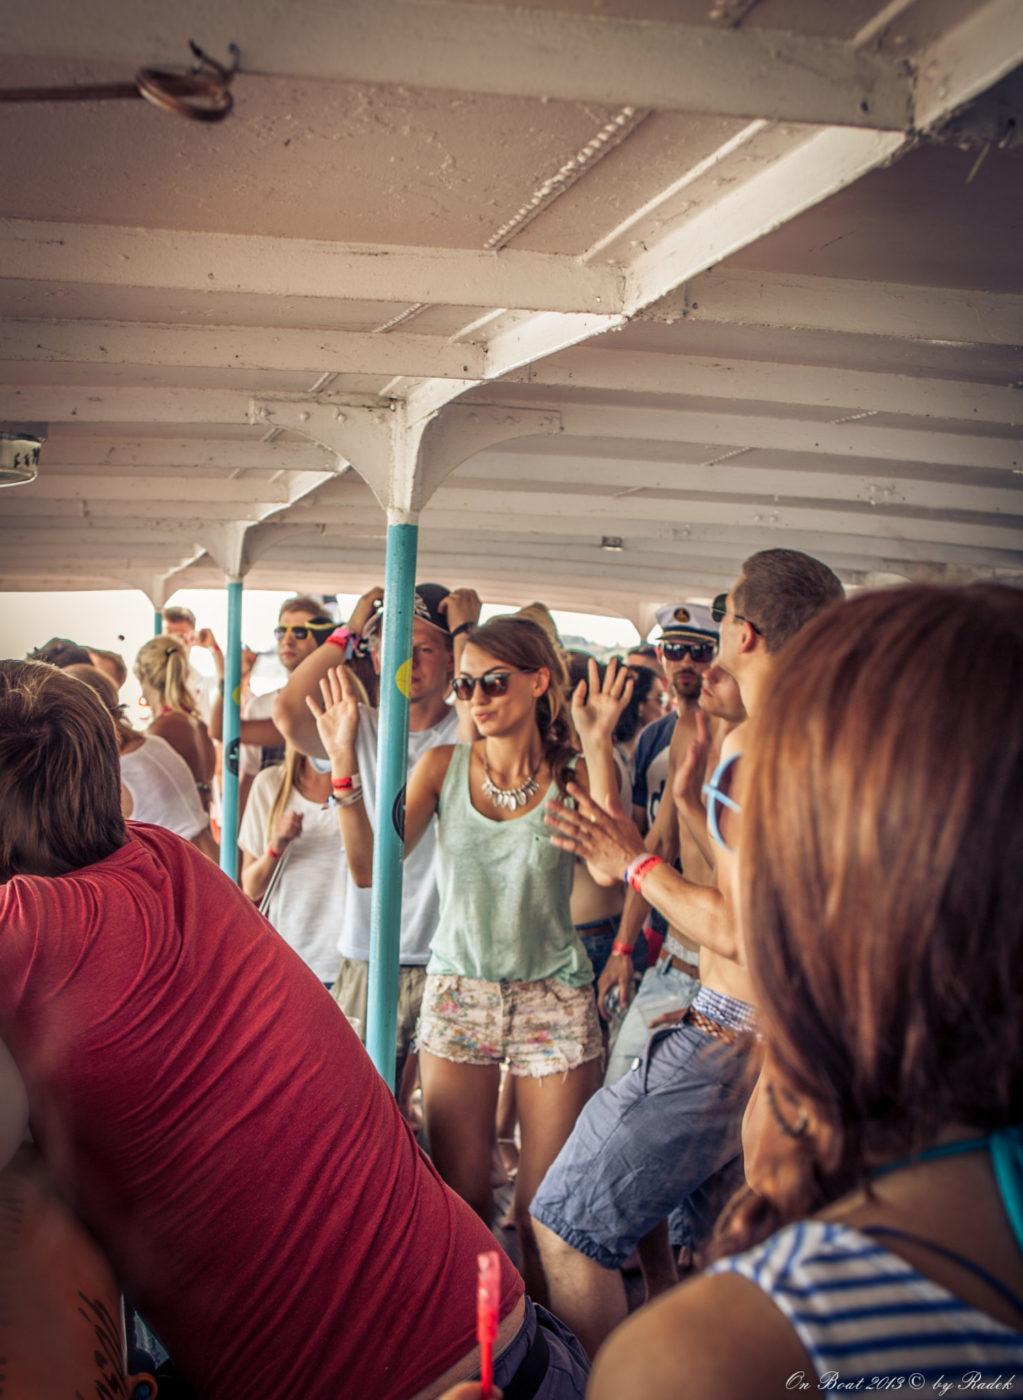 Tłum tańczących ludzi